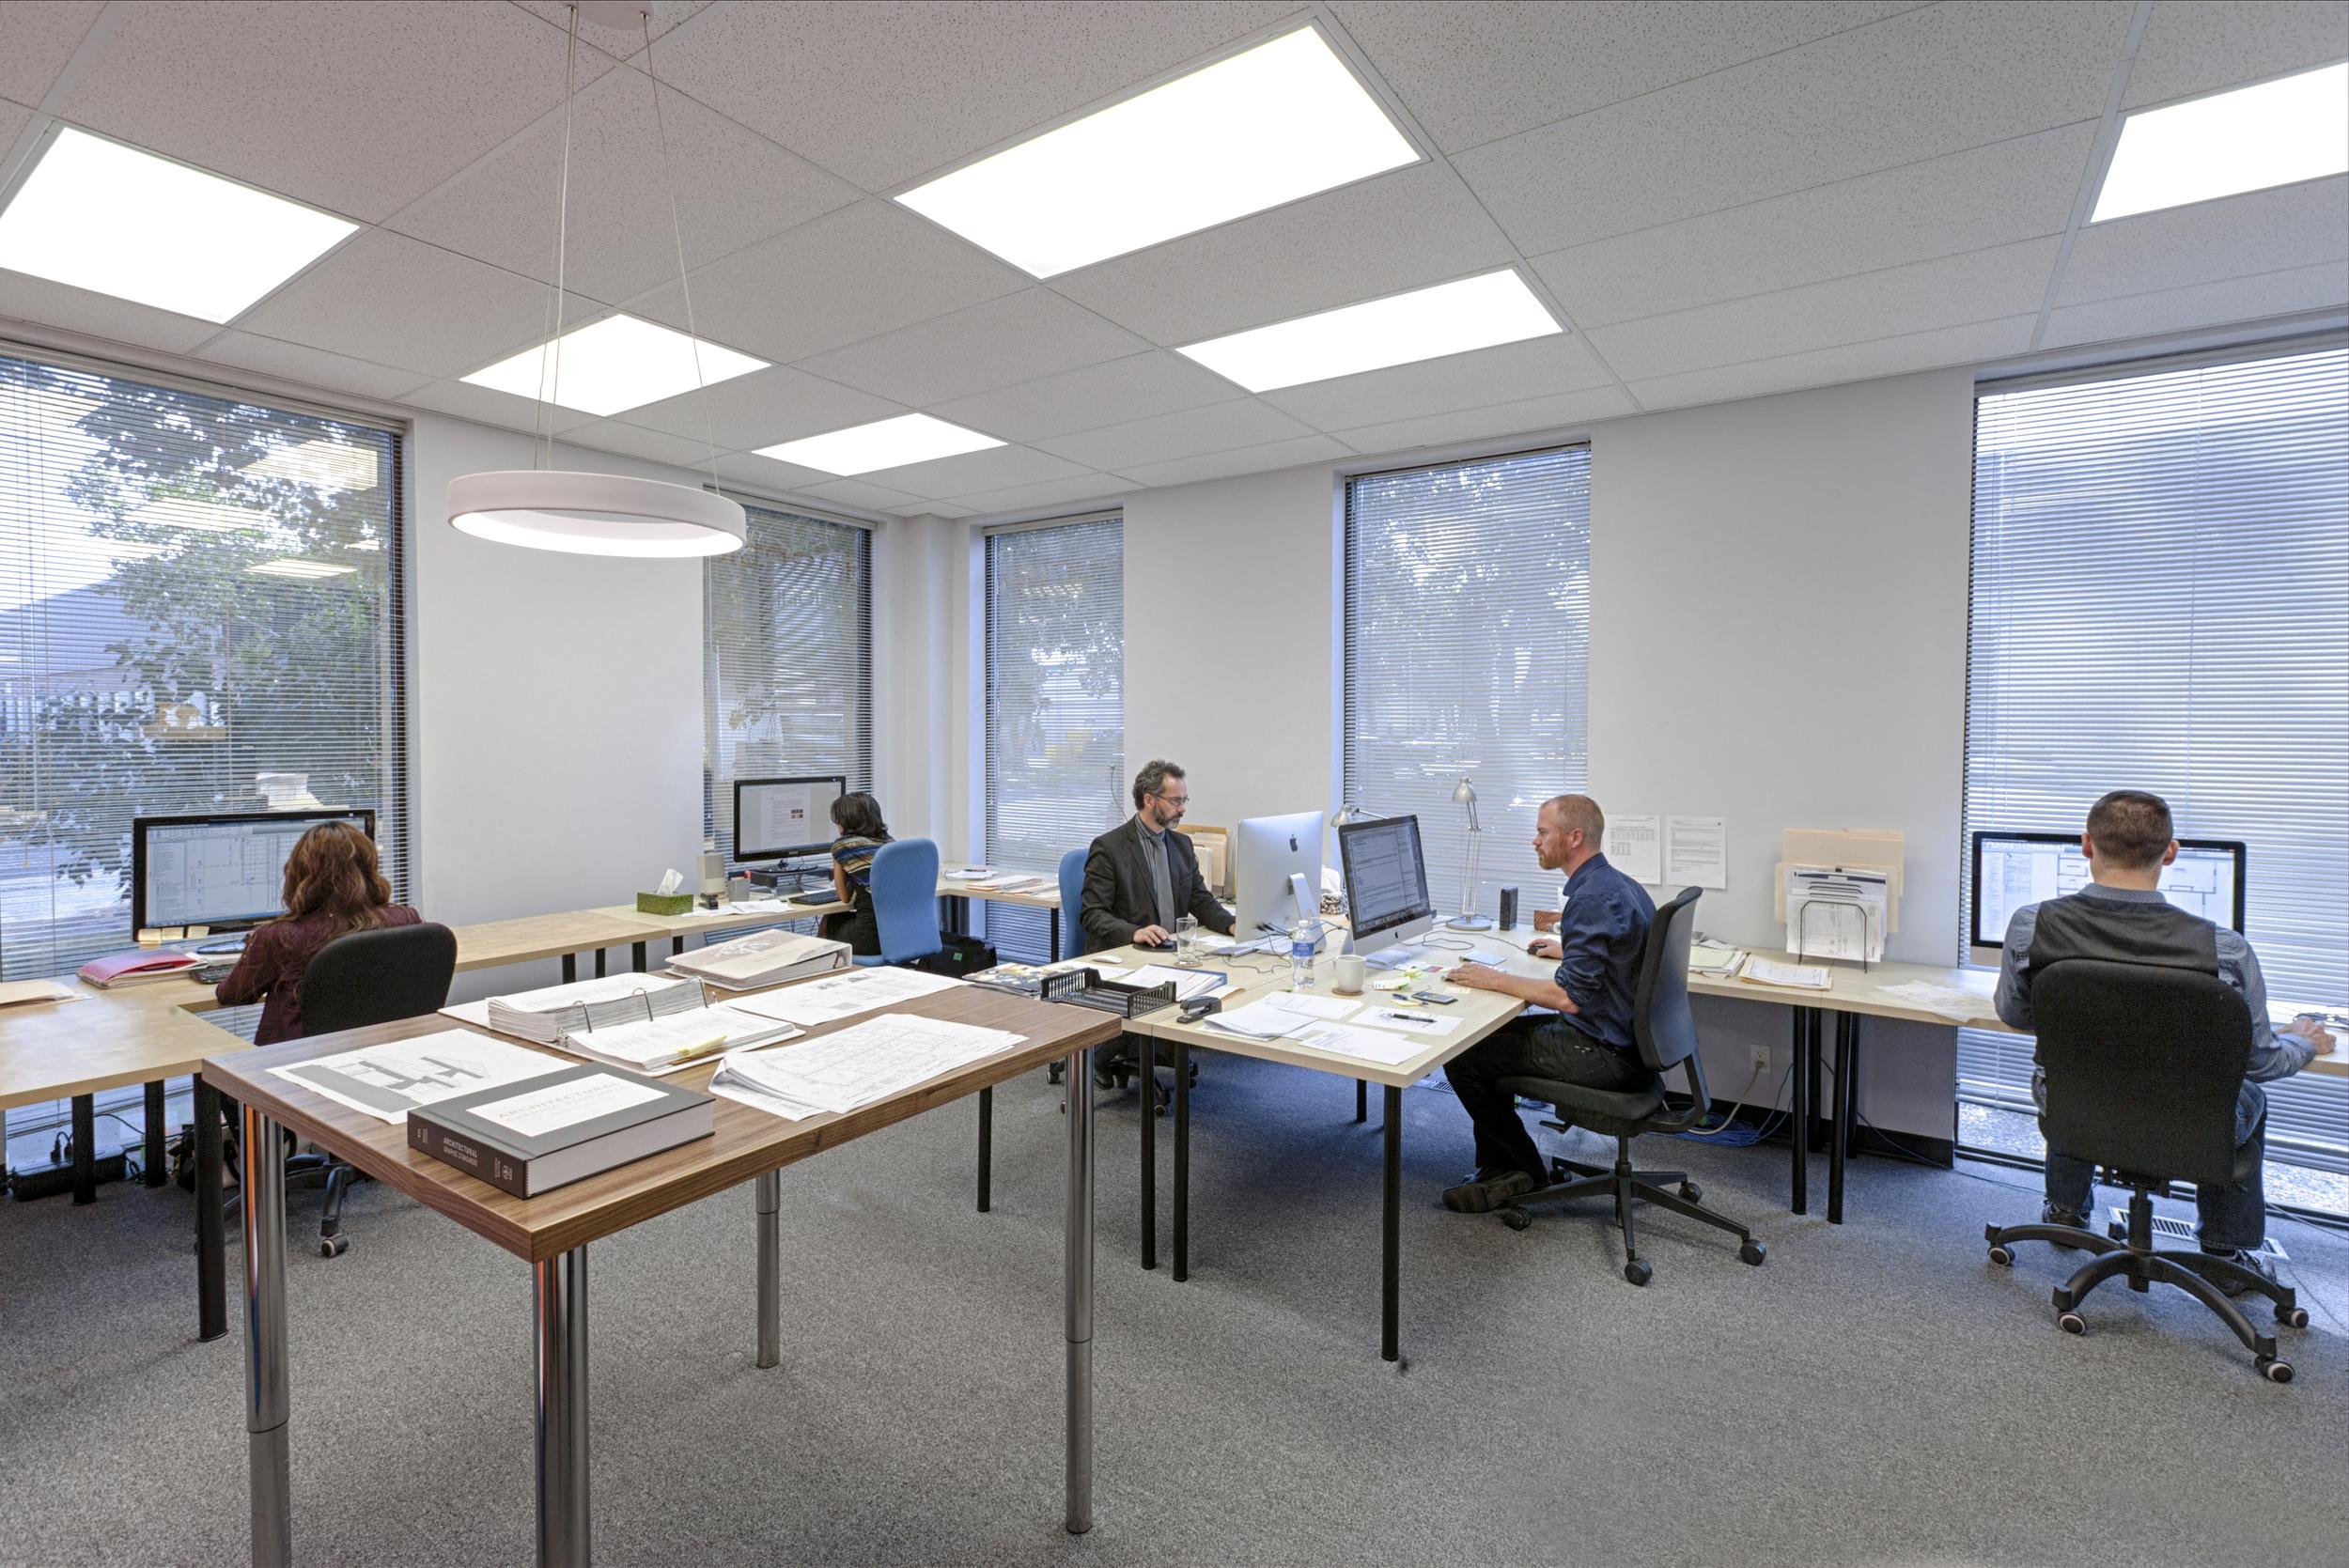 Inertia Workspace